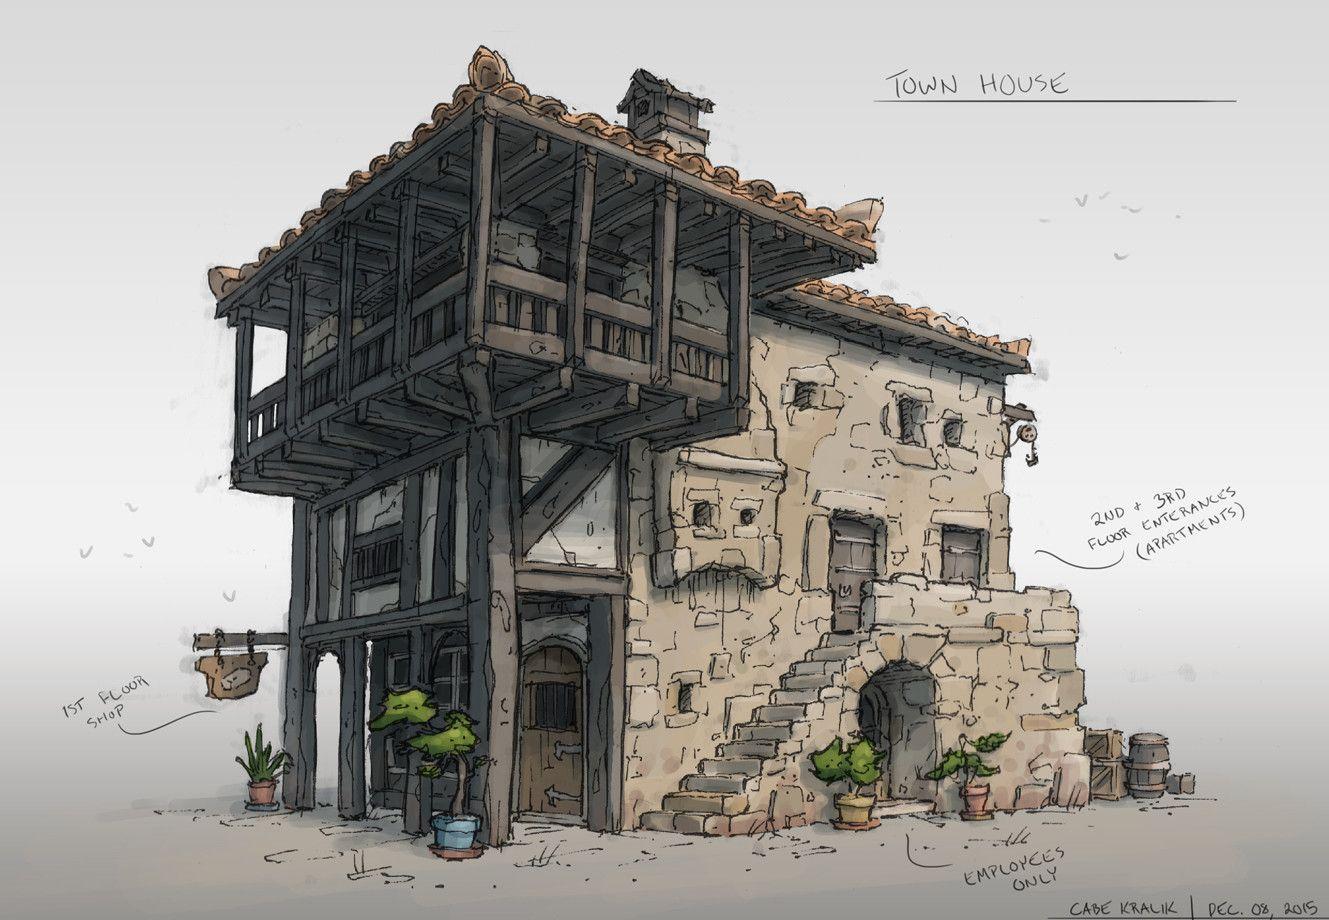 Town House  Gabe Kralik